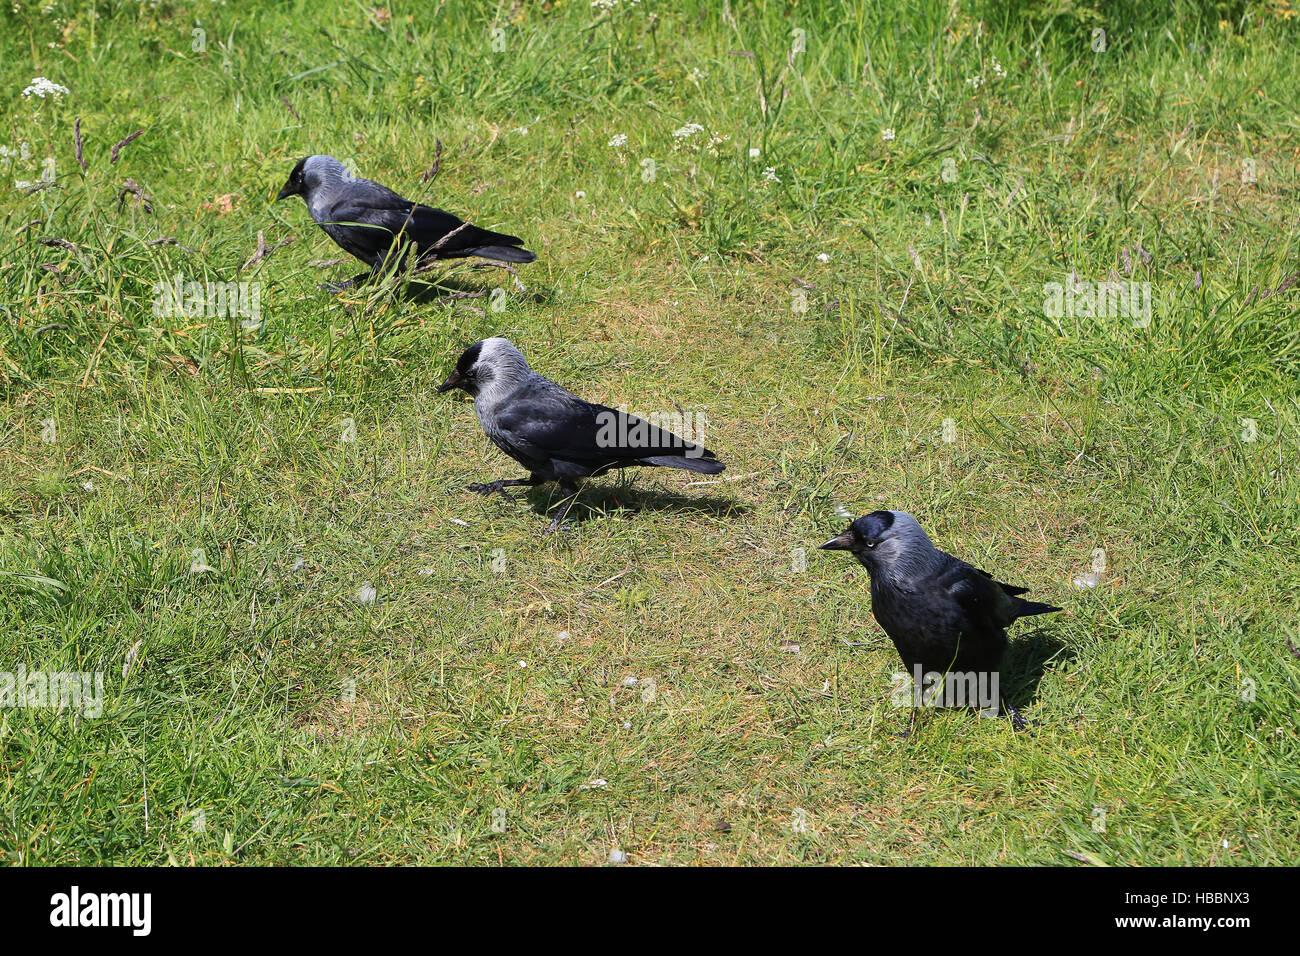 Dohlen, Dohlen, Corvus monedula Stockbild